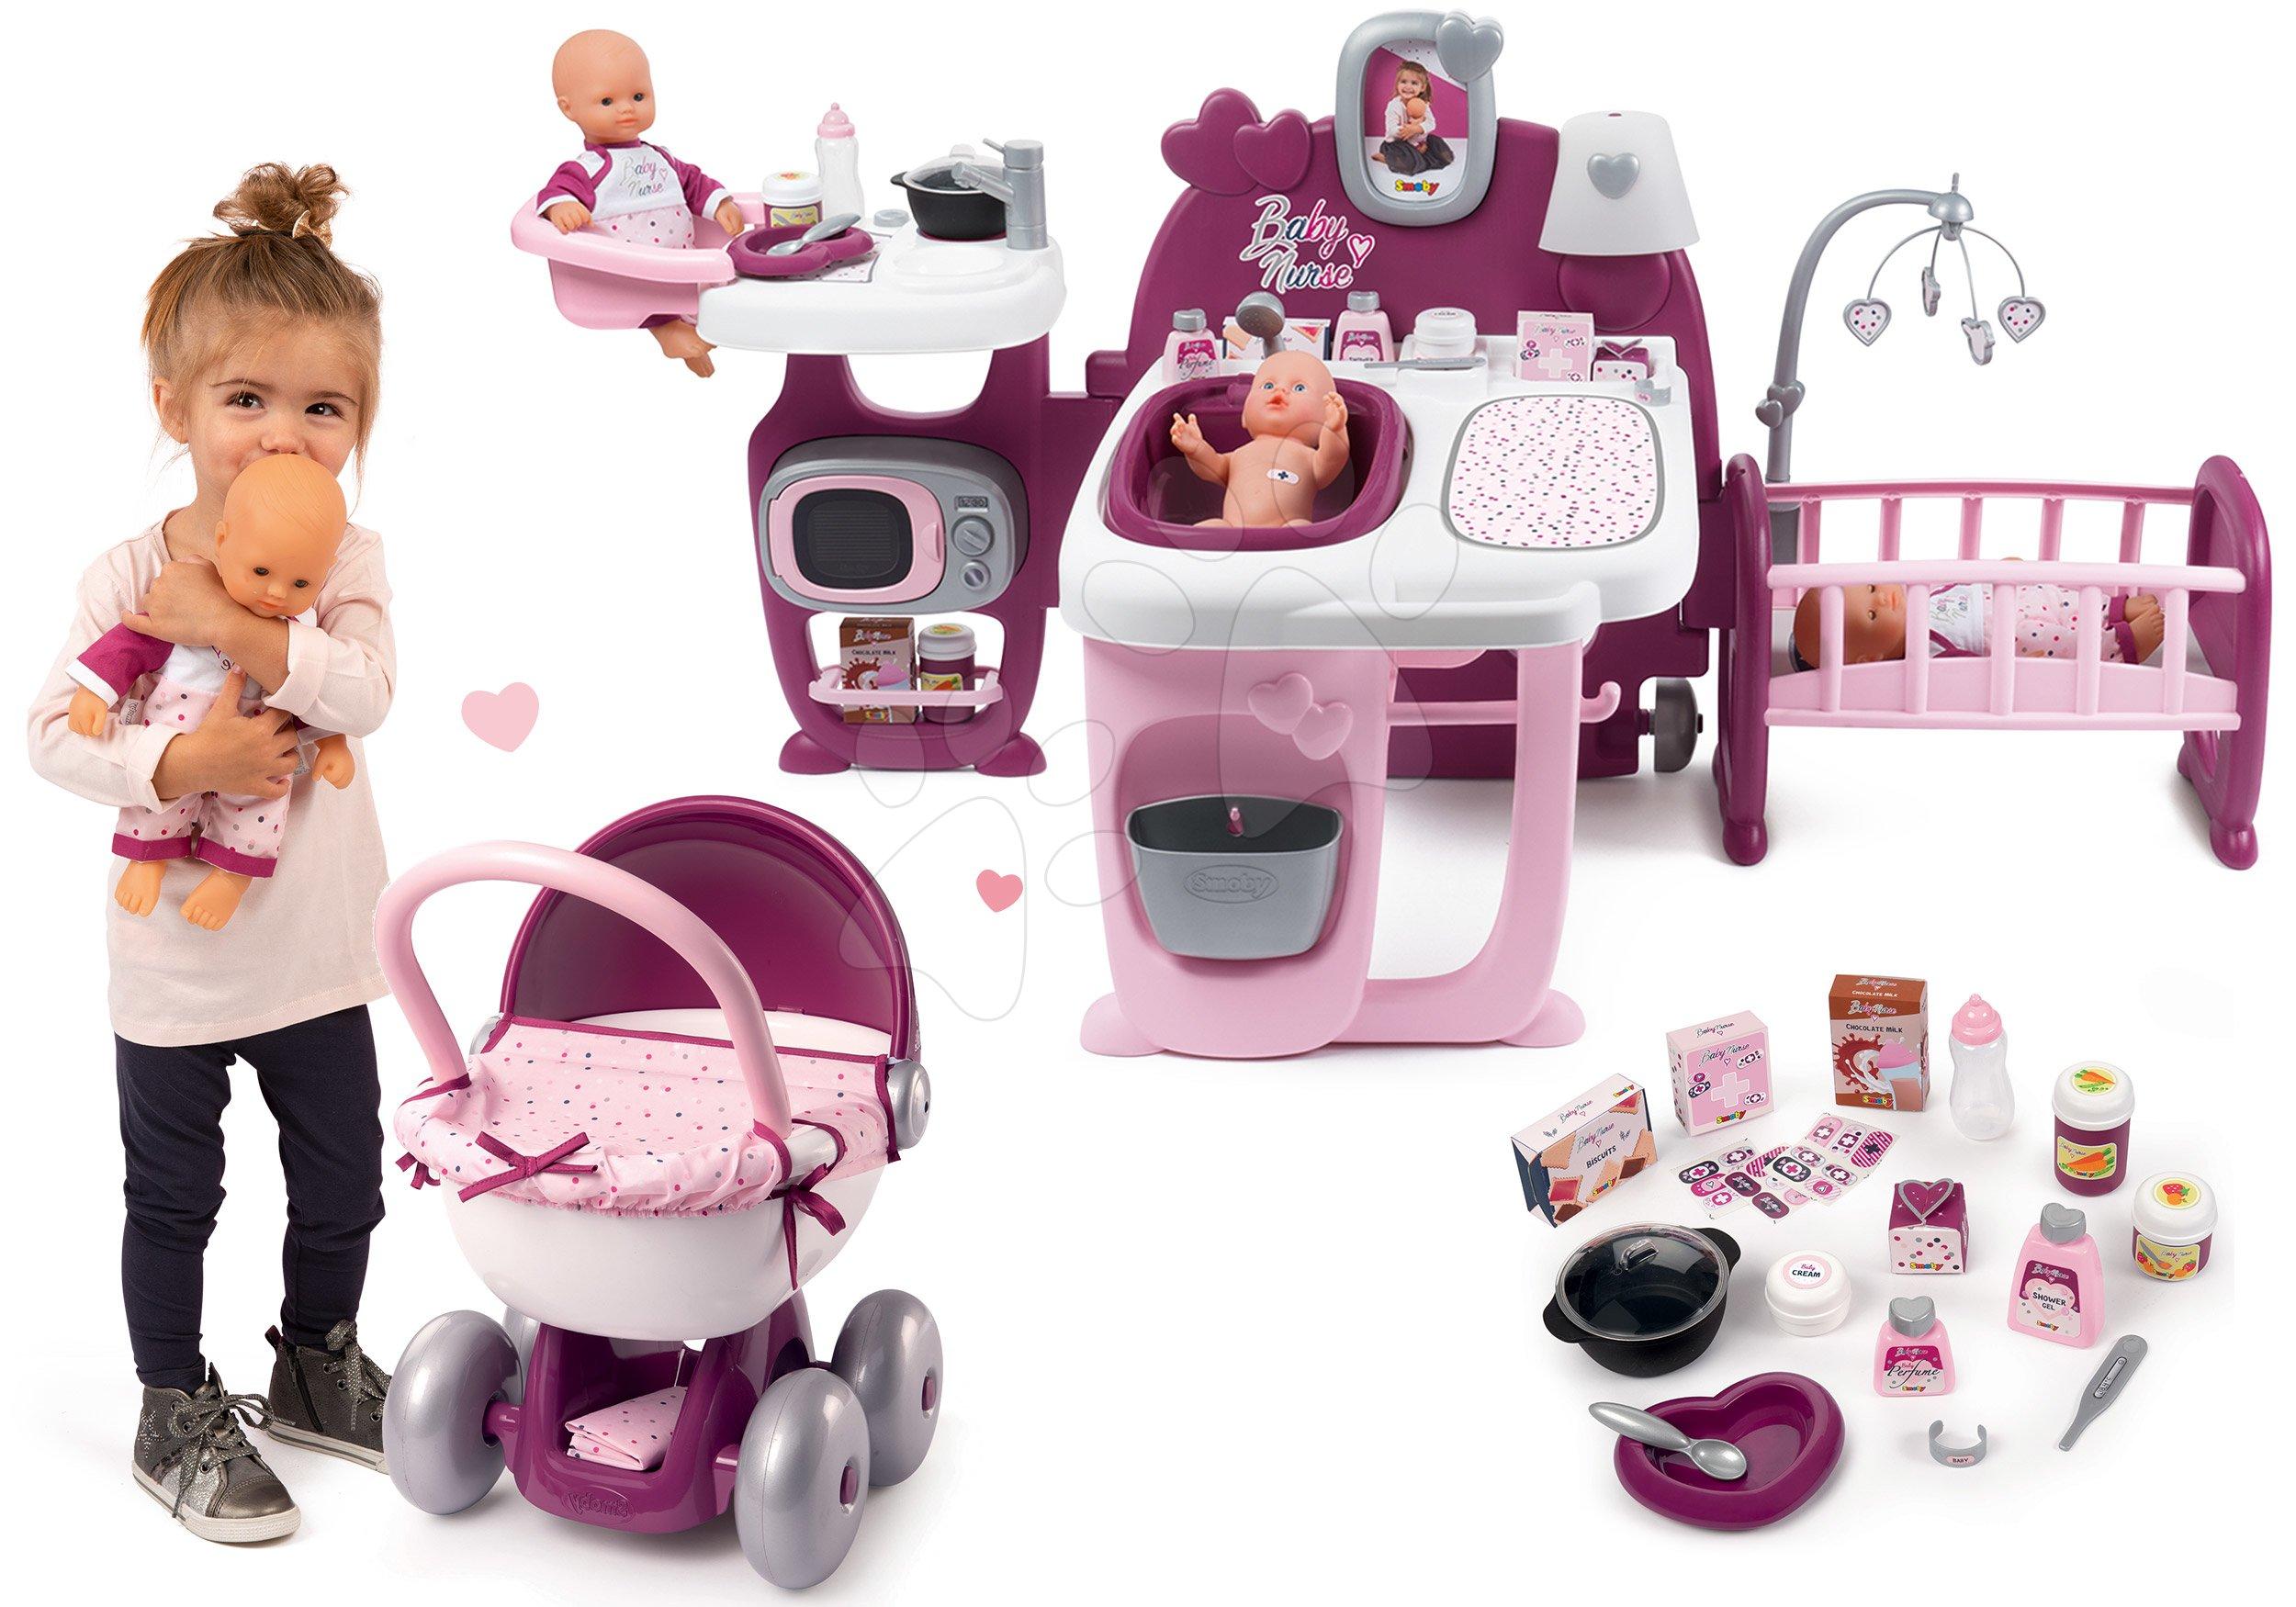 Set domeček pro panenku Violette Baby Nurse Large Doll's Play Center Smoby a hluboký kočárek s textilem a 32 cm panenkou